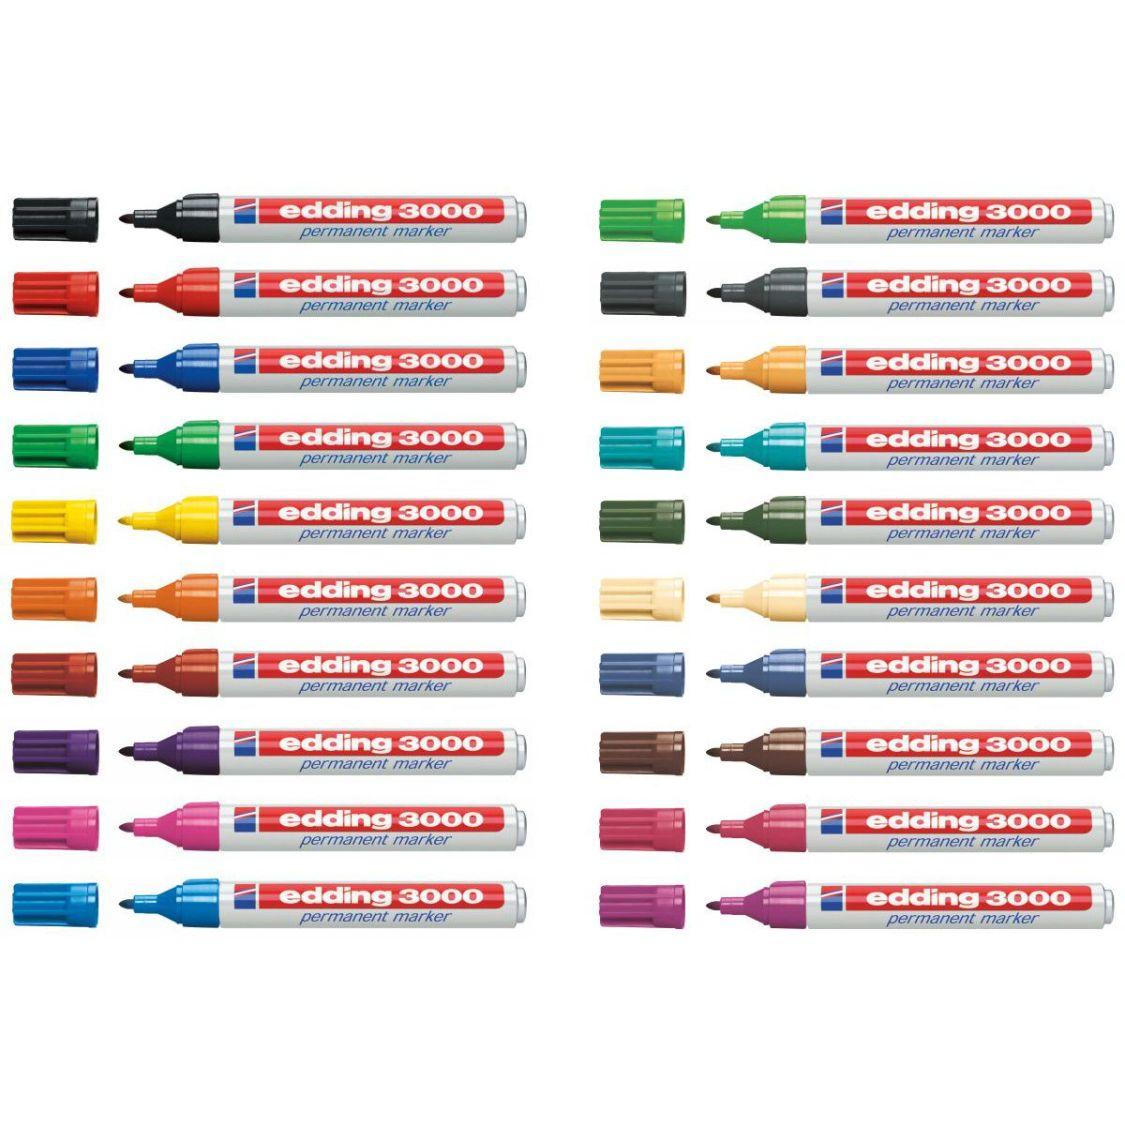 EDDING Permanentmarker 3000 1,5-3mm [20 Farben wählbar]